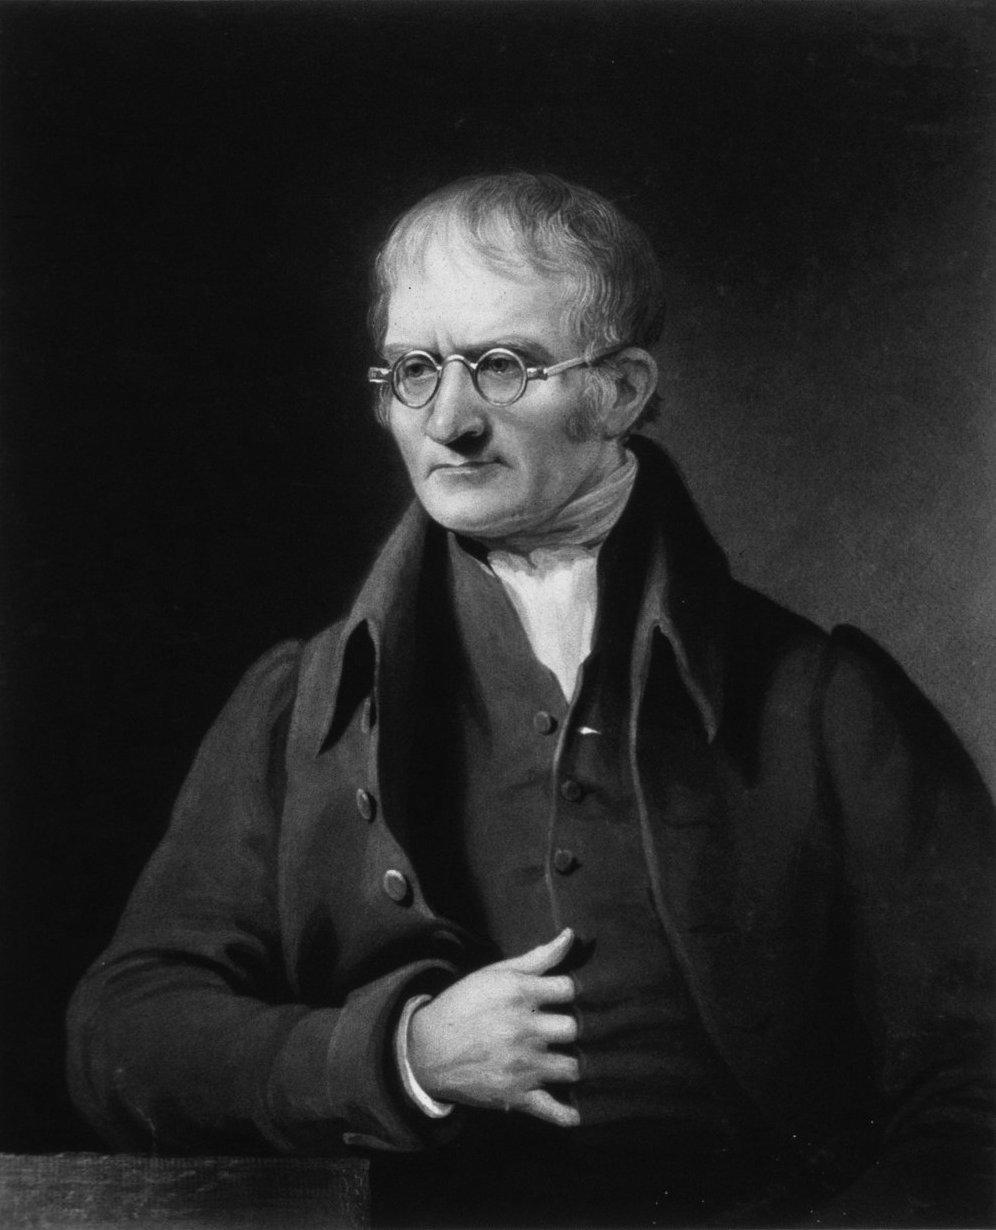 John Dalton (6 Eylül 1766 - 27 Temmuz 1844)